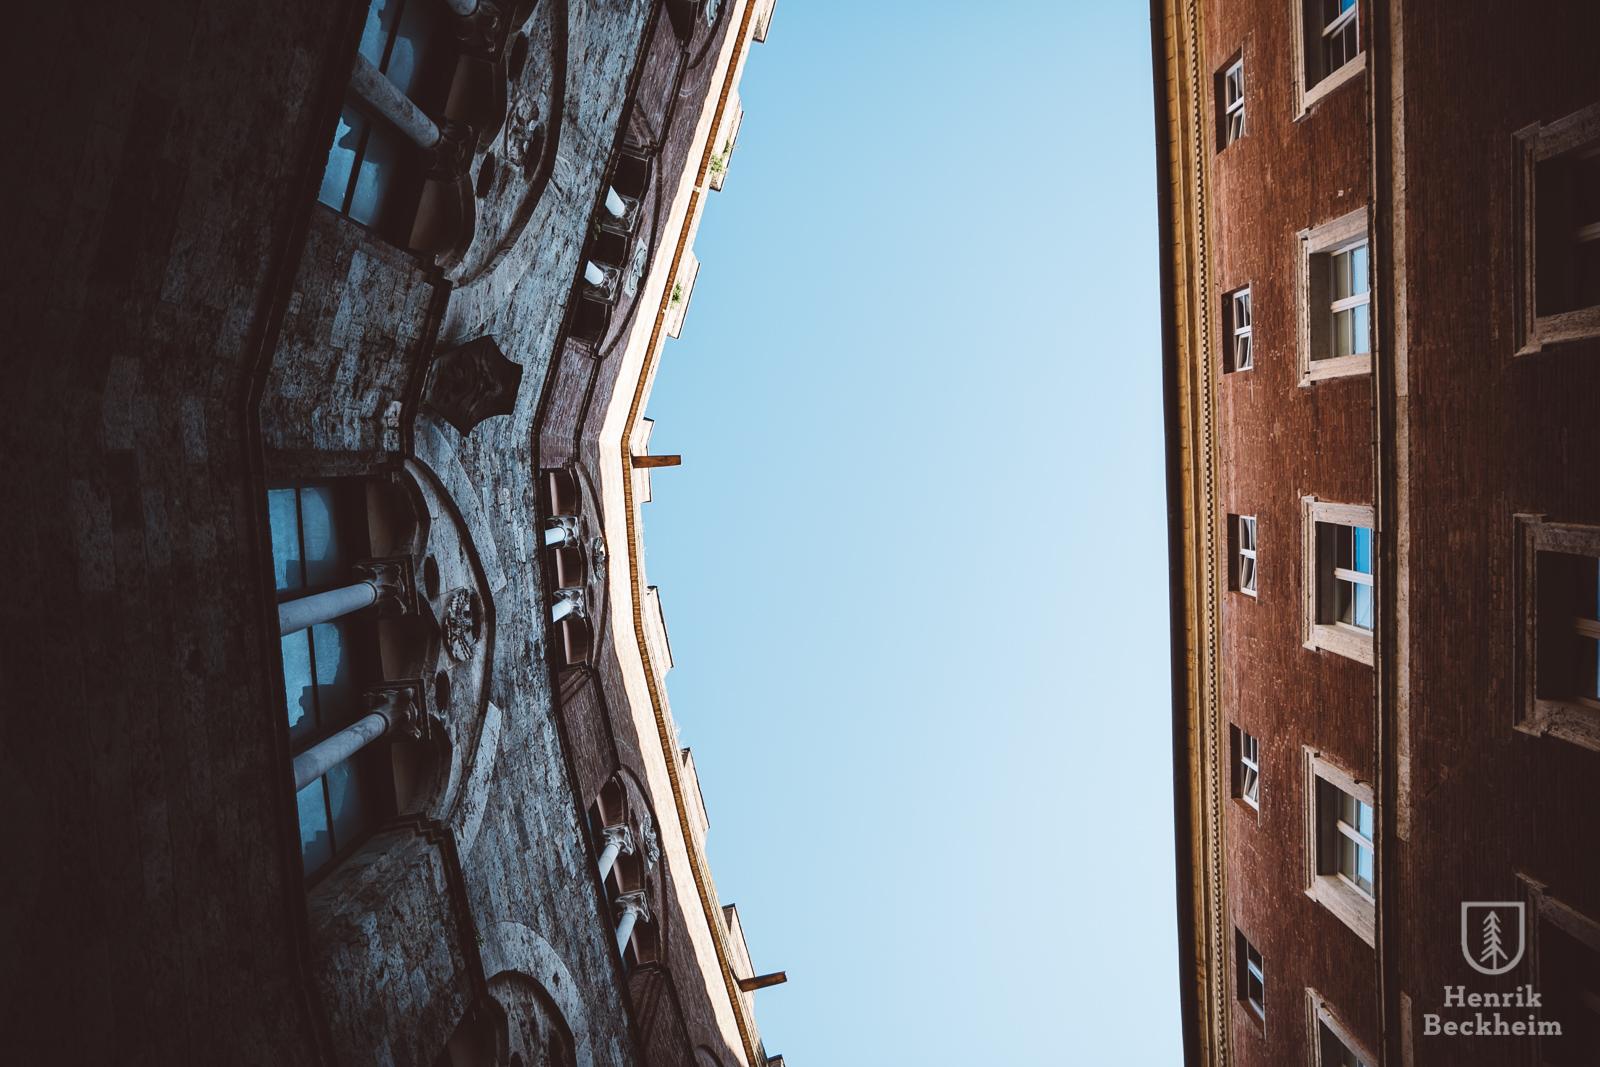 Tuscany00020